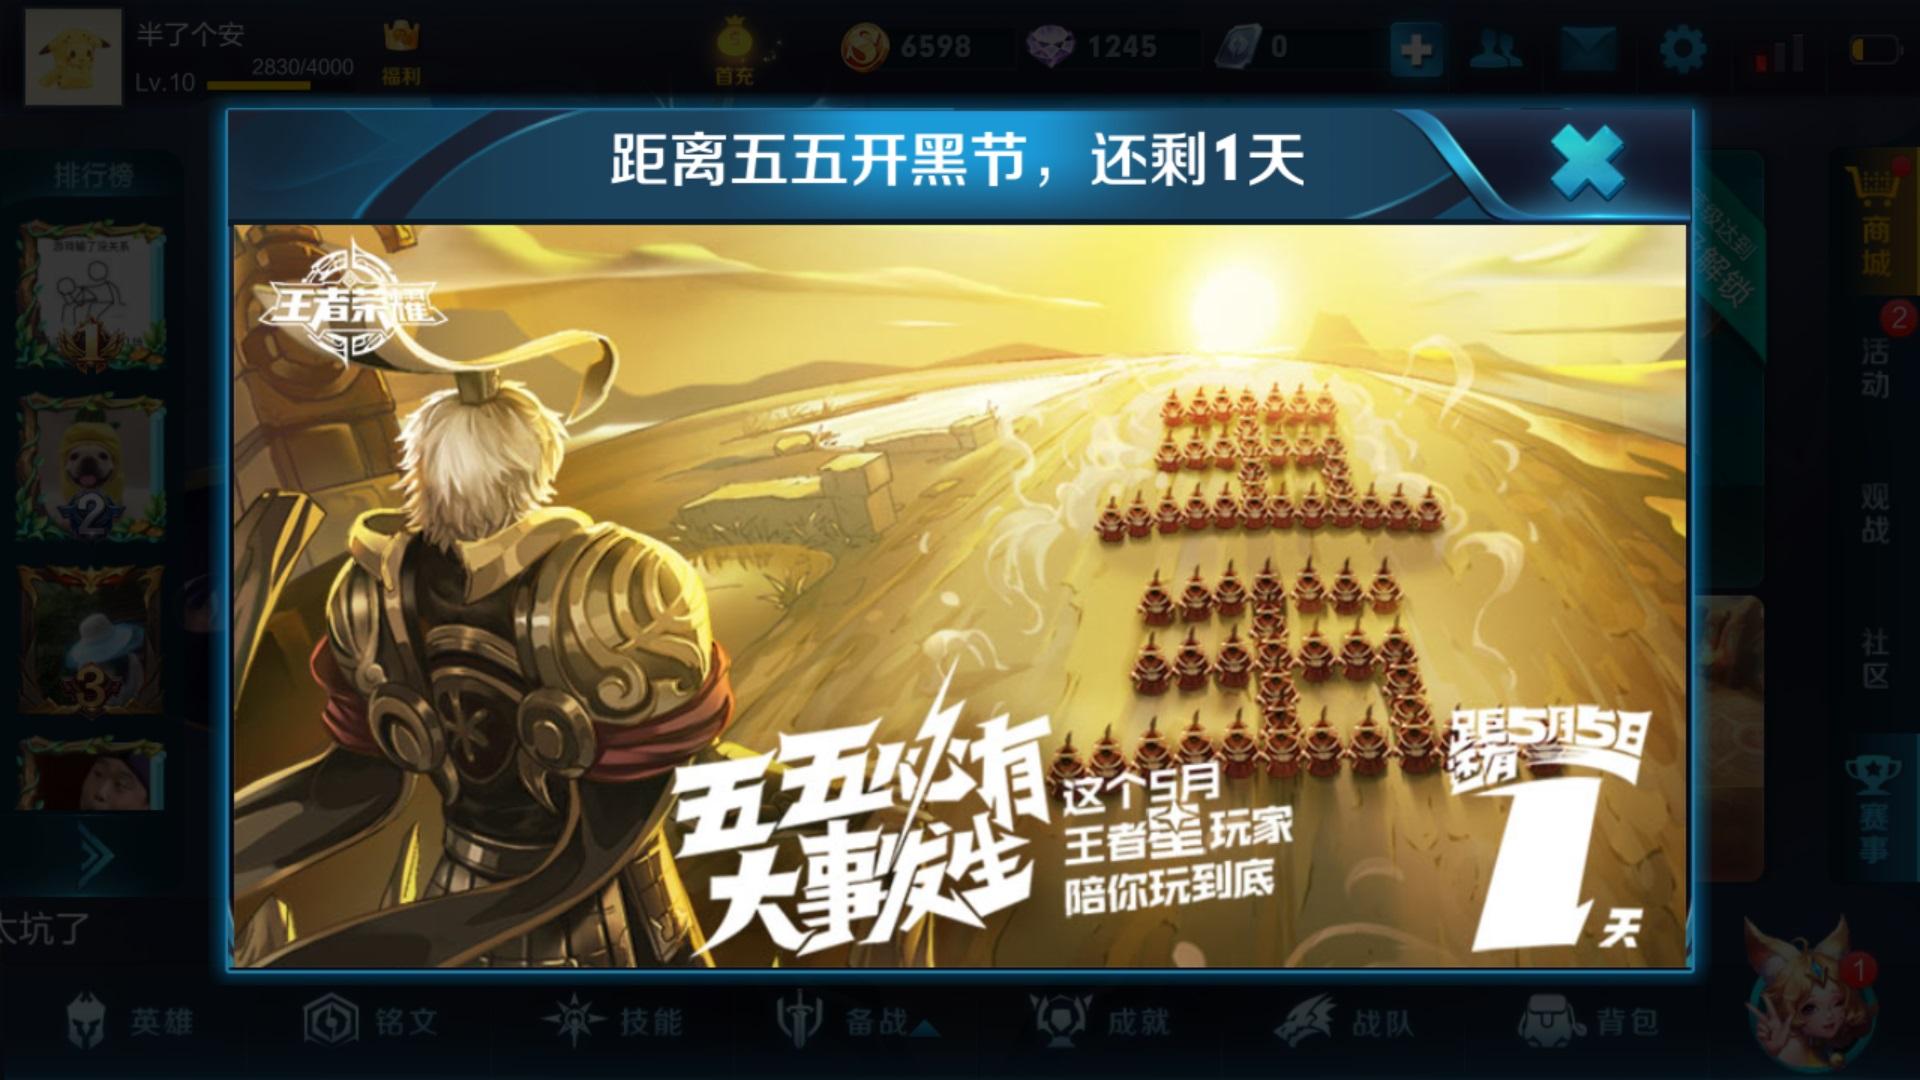 王者荣耀 李白改名宫本武藏 55开黑节闹了个小BUG图片